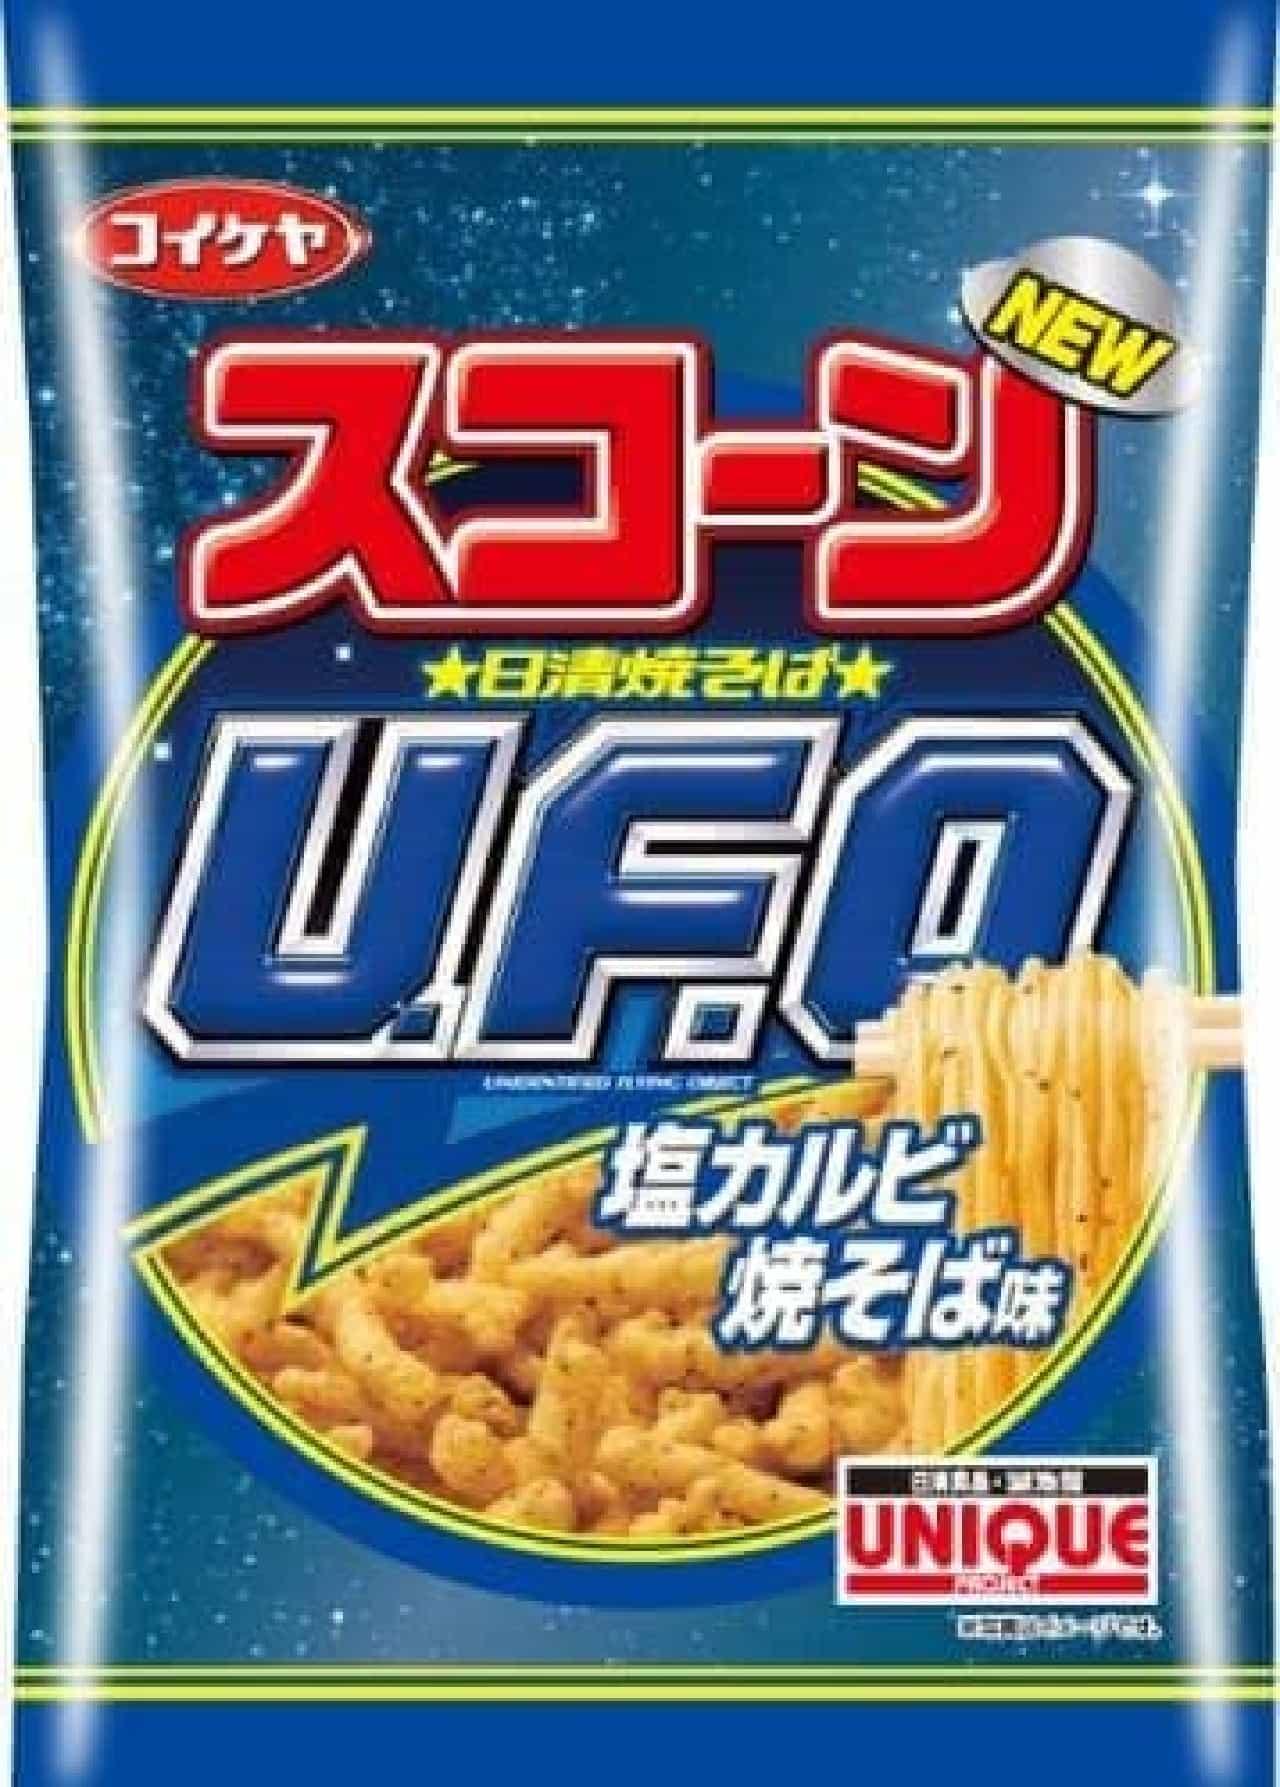 「スコーン 日清焼そば U.F.O. 濃厚ソース焼そば味」